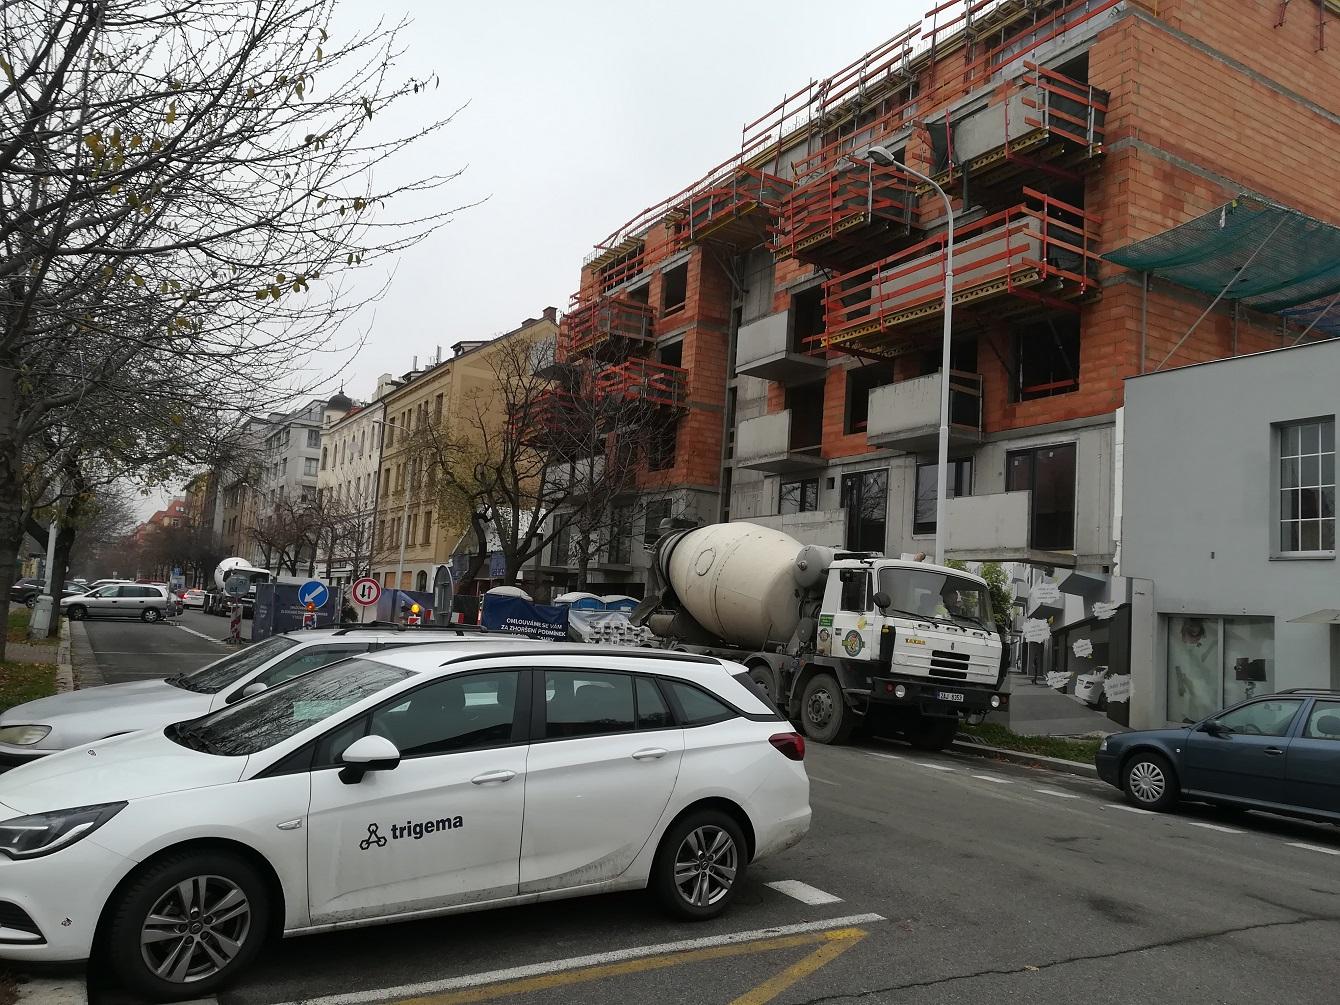 Nové bytovky v Holešovicích: Ceny nejdou pod 100 tisíc korun za metr čtvereční